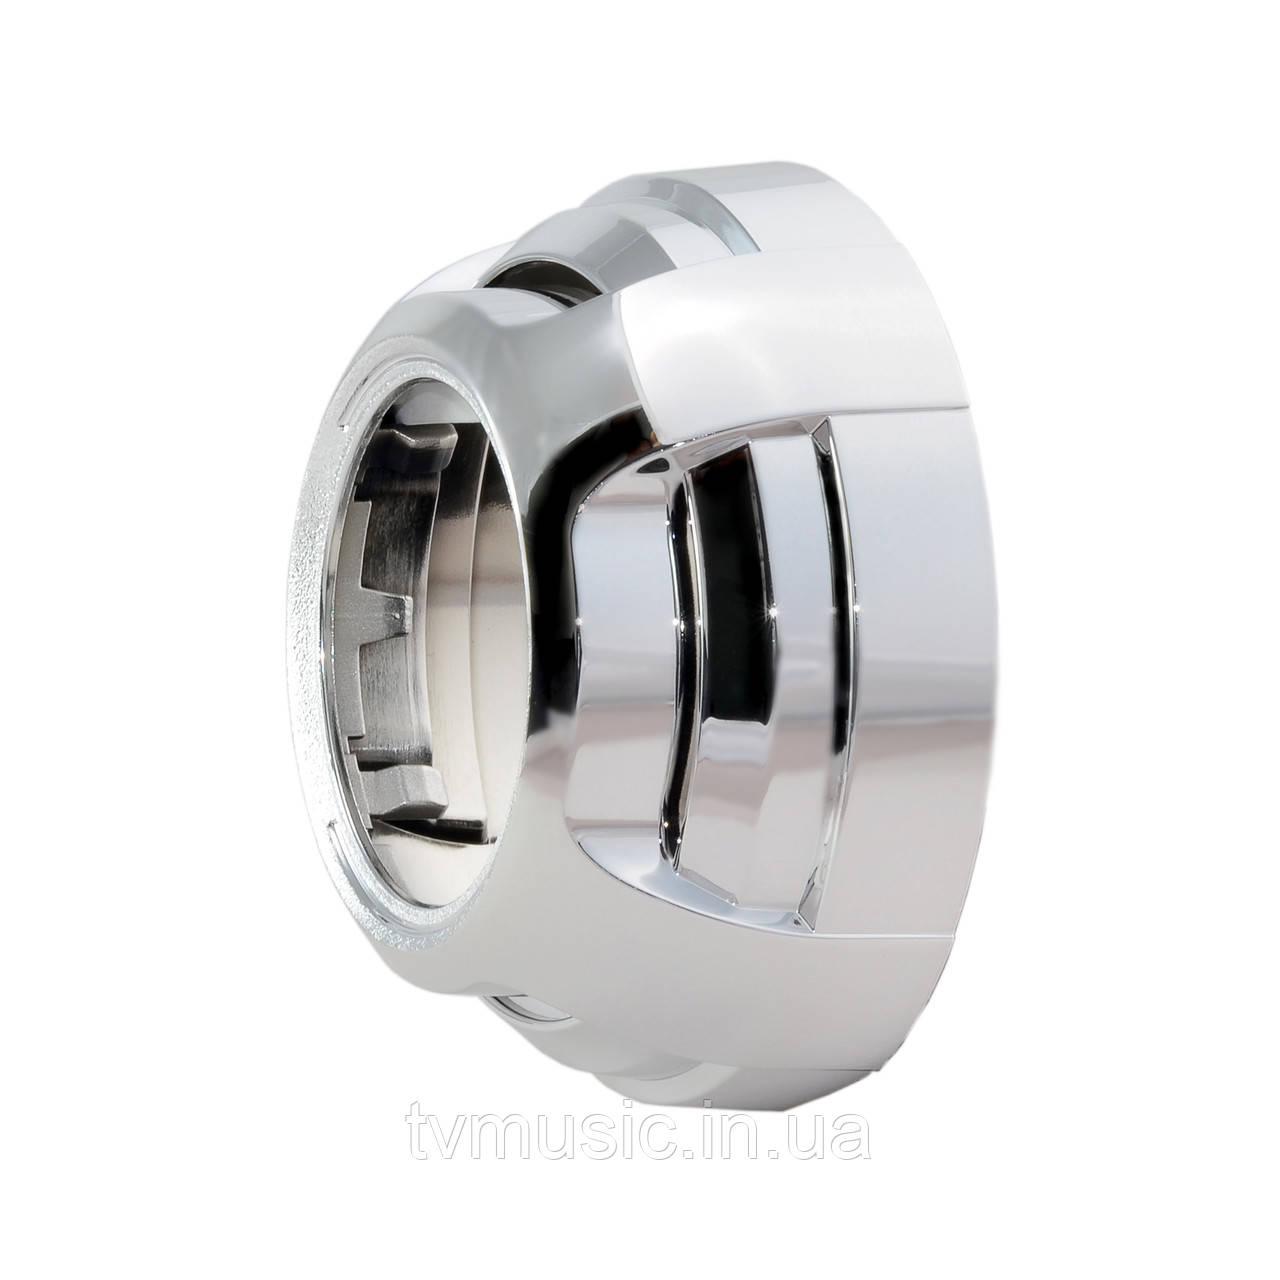 """Маска для биксеноновой линзы Cyclon S-24 (2.5"""", 3.0"""")"""